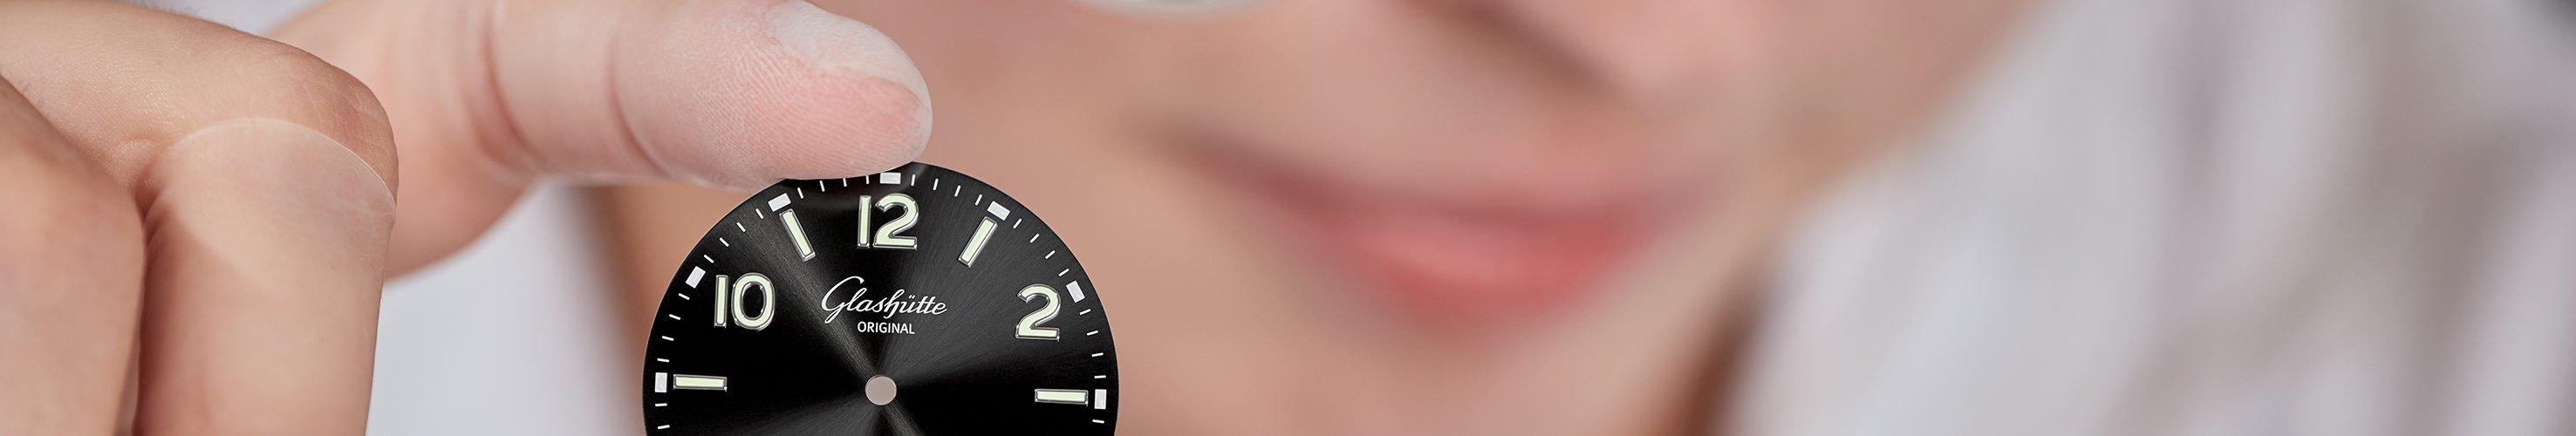 Zifferblatt Glashütte SeaQ Taucher Uhr